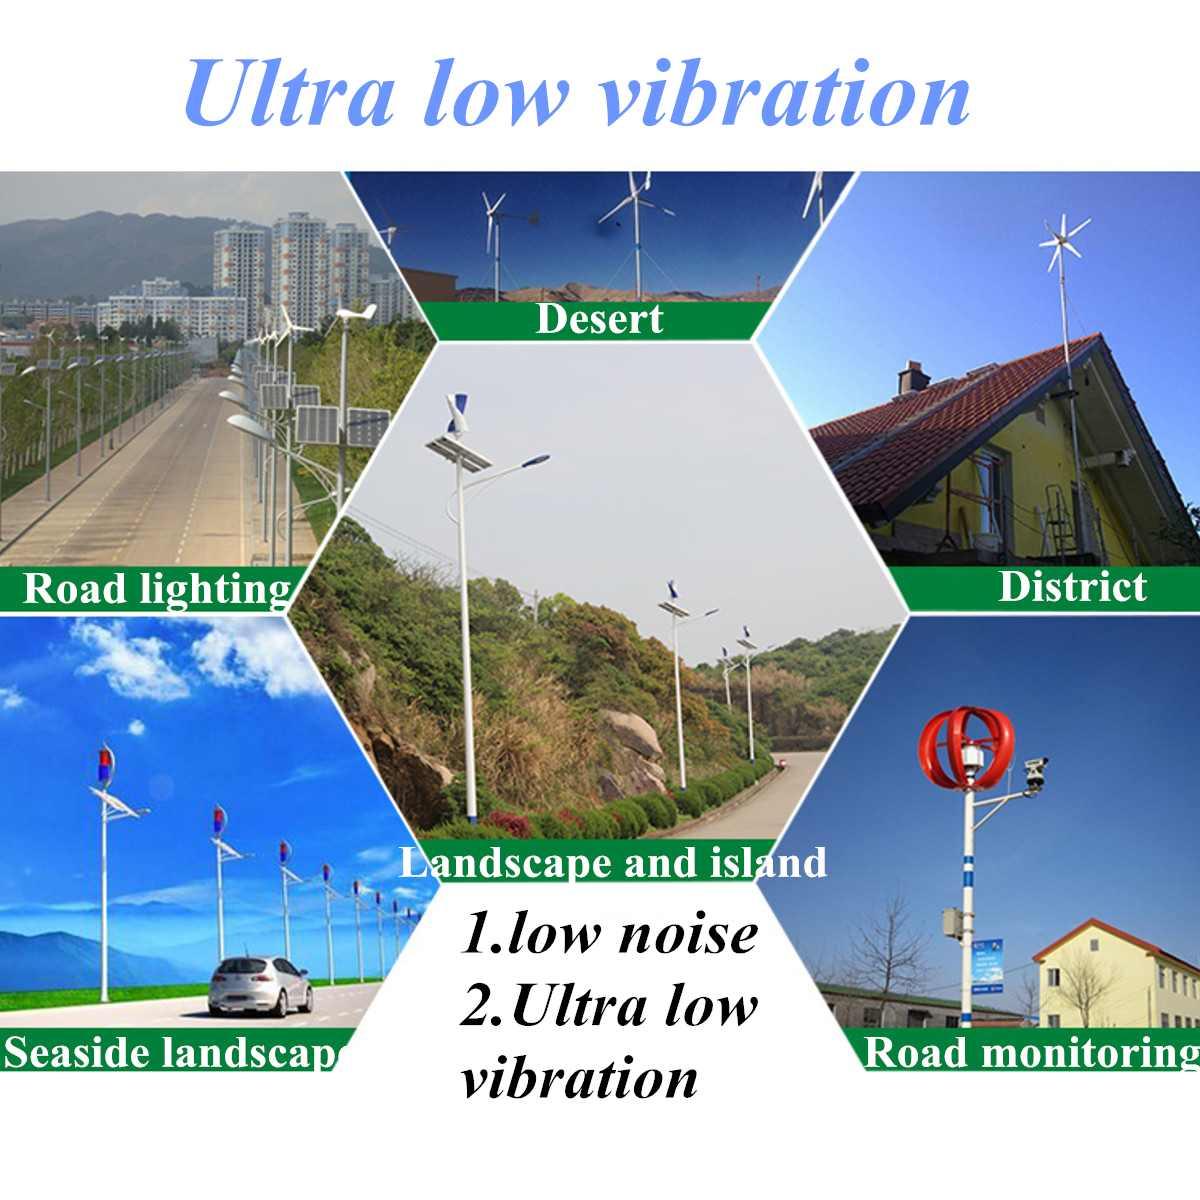 Contrôleur Vertical de Charge de générateur de vent 12V 300W triphasé moulin à vent Vertical Axial Kit de contrôleur de générateur d'énergie éolienne - 3